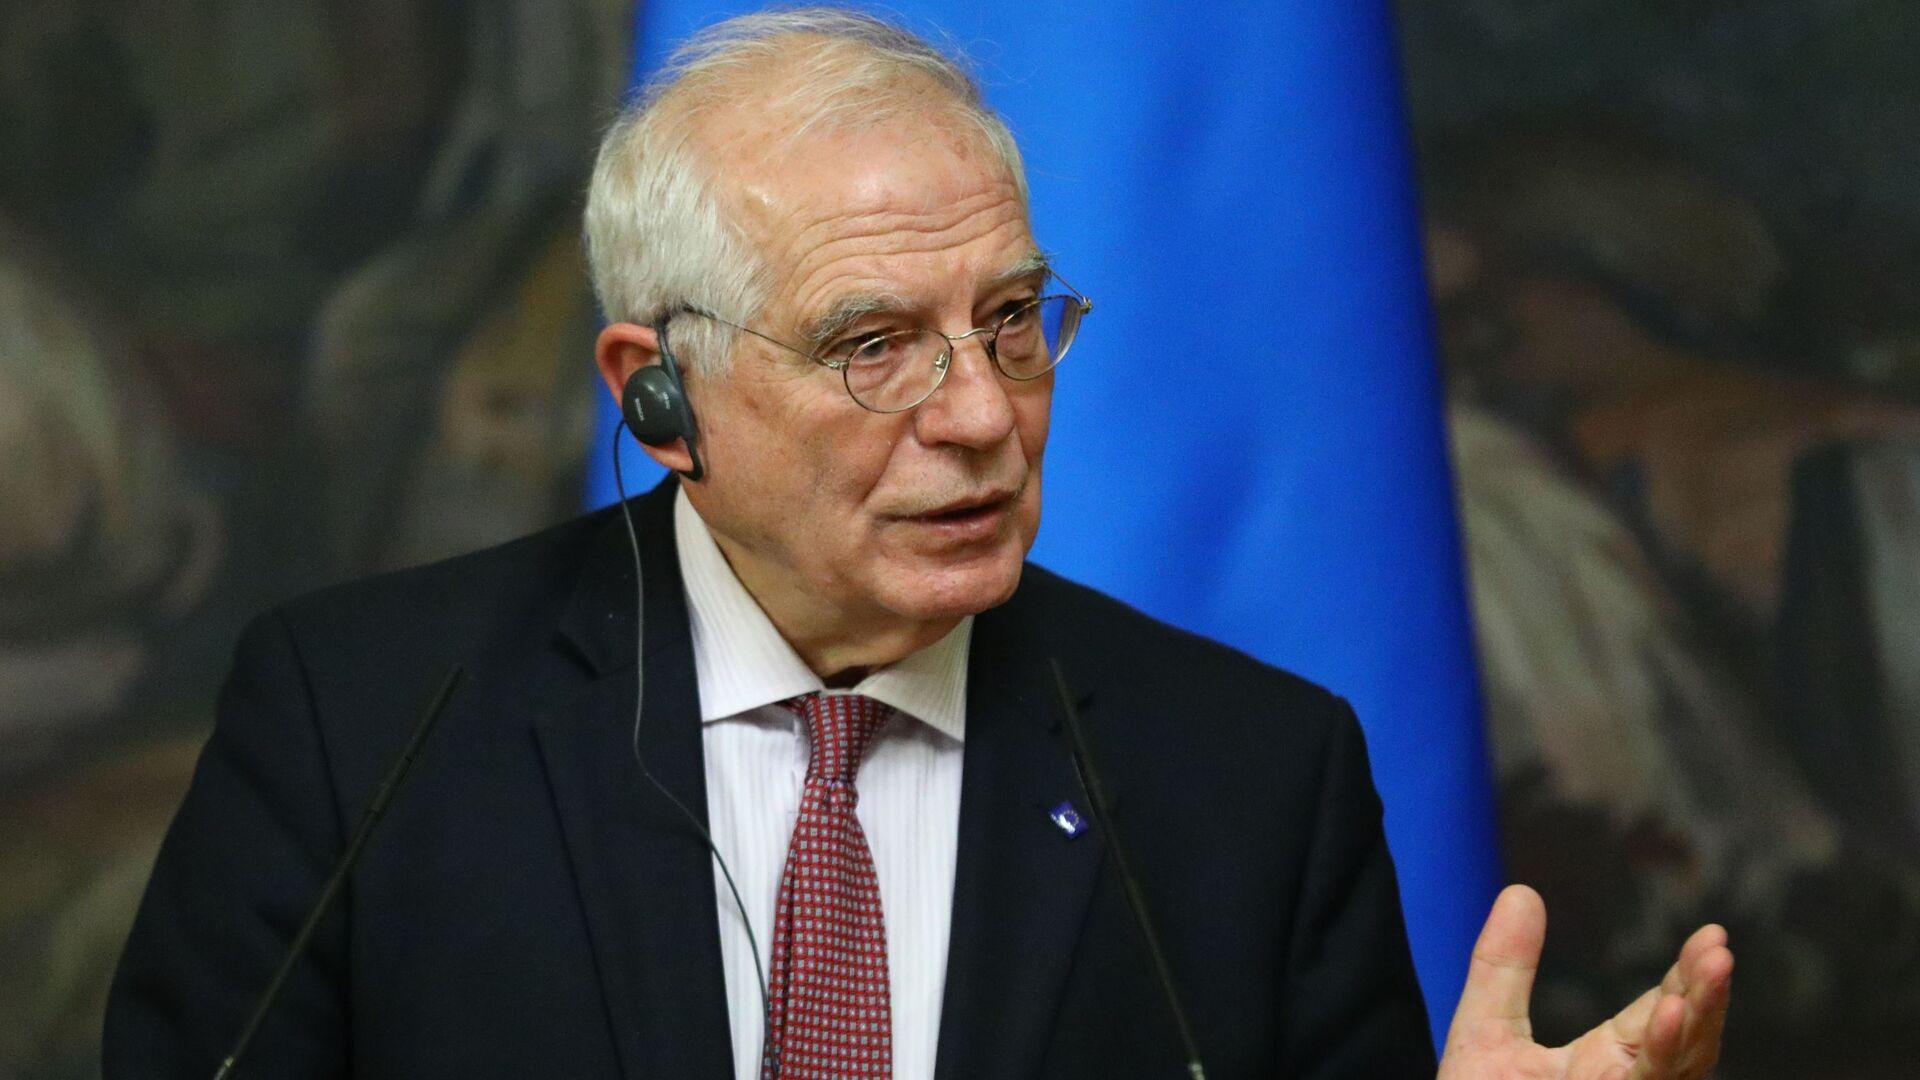 Верховный представитель Евросоюза по иностранным делам и политике безопасности Жозеп Боррель  - Sputnik Грузия, 1920, 14.10.2021